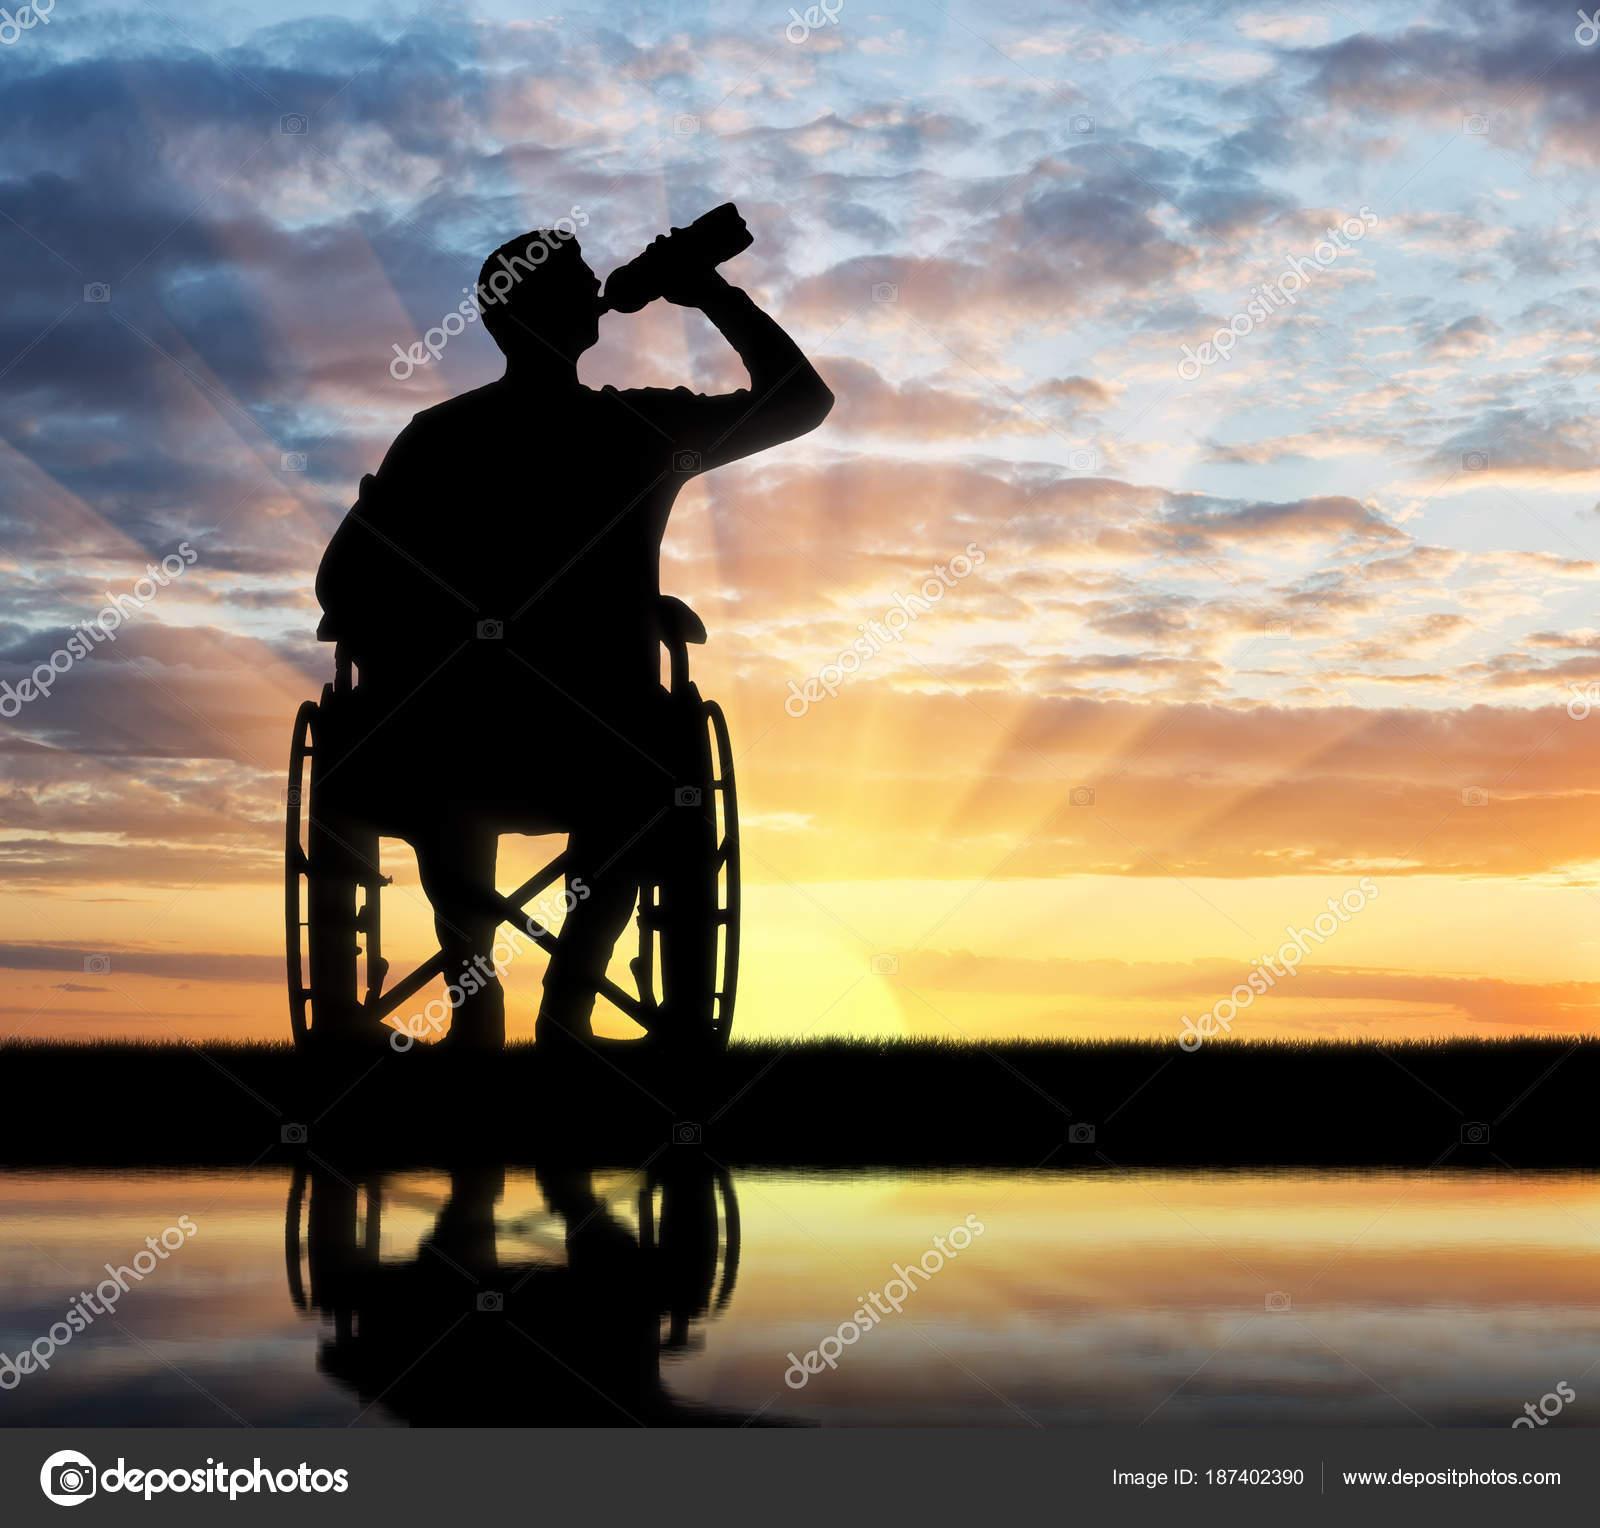 Un Silueta Discapacitado De Hombre Agua Ruedas Silla En Una myvP8ON0wn